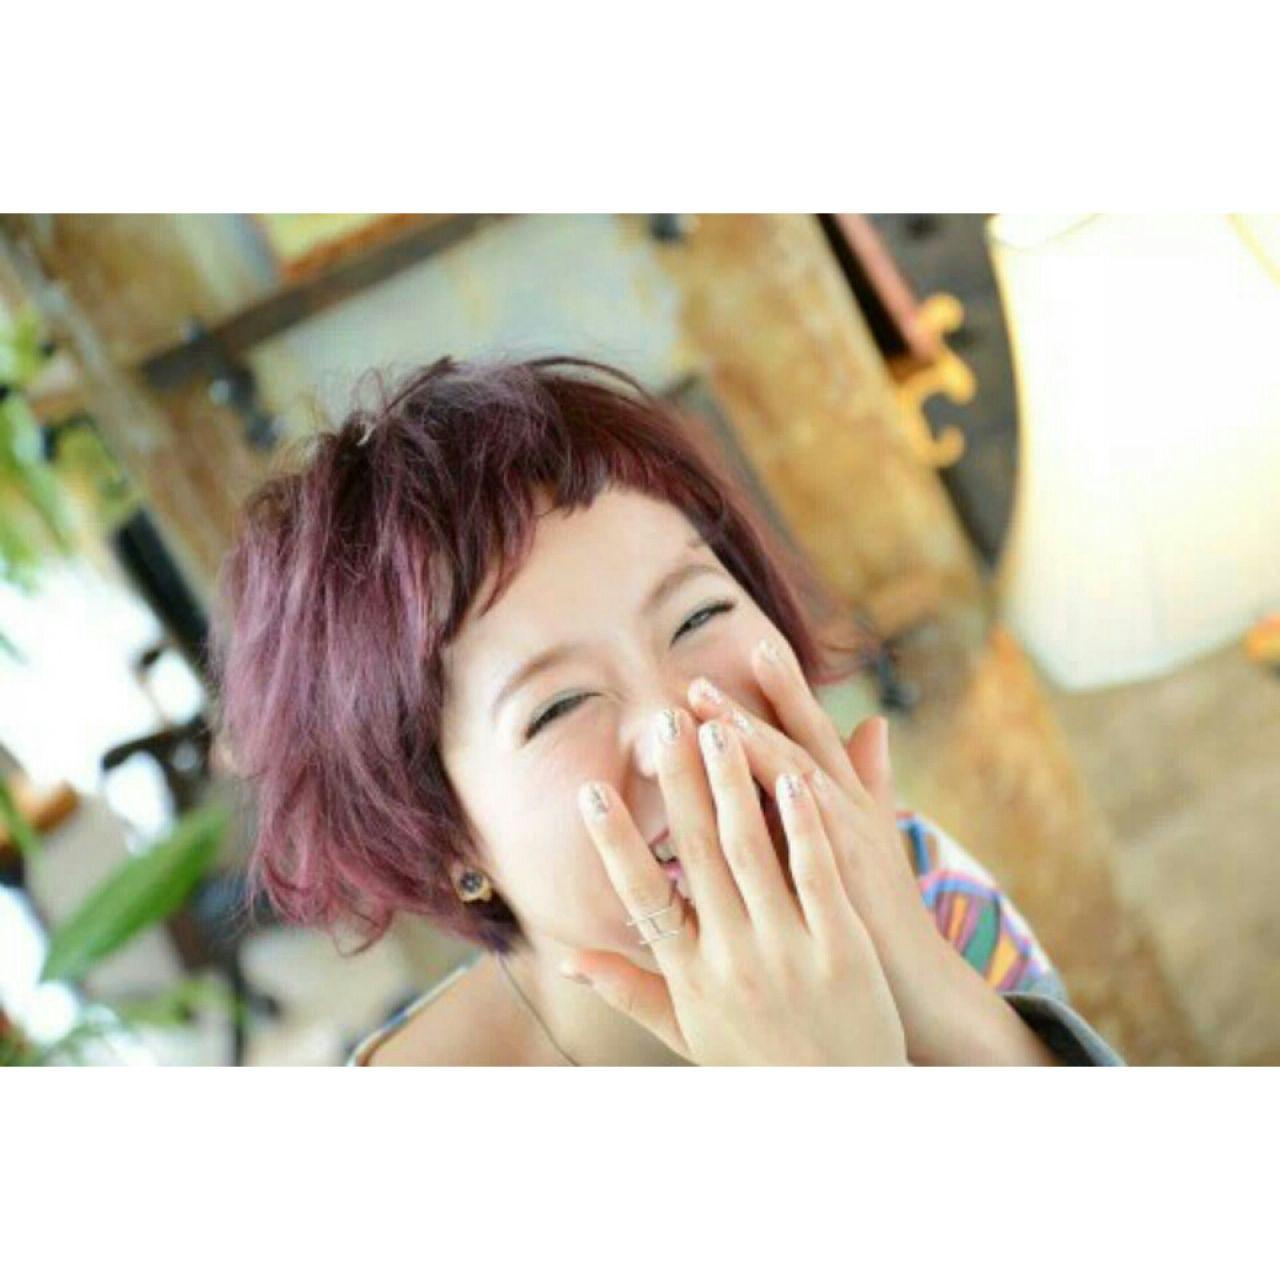 ボーイッシュベリーショートにピンクをプラス♡ 長谷川 愛